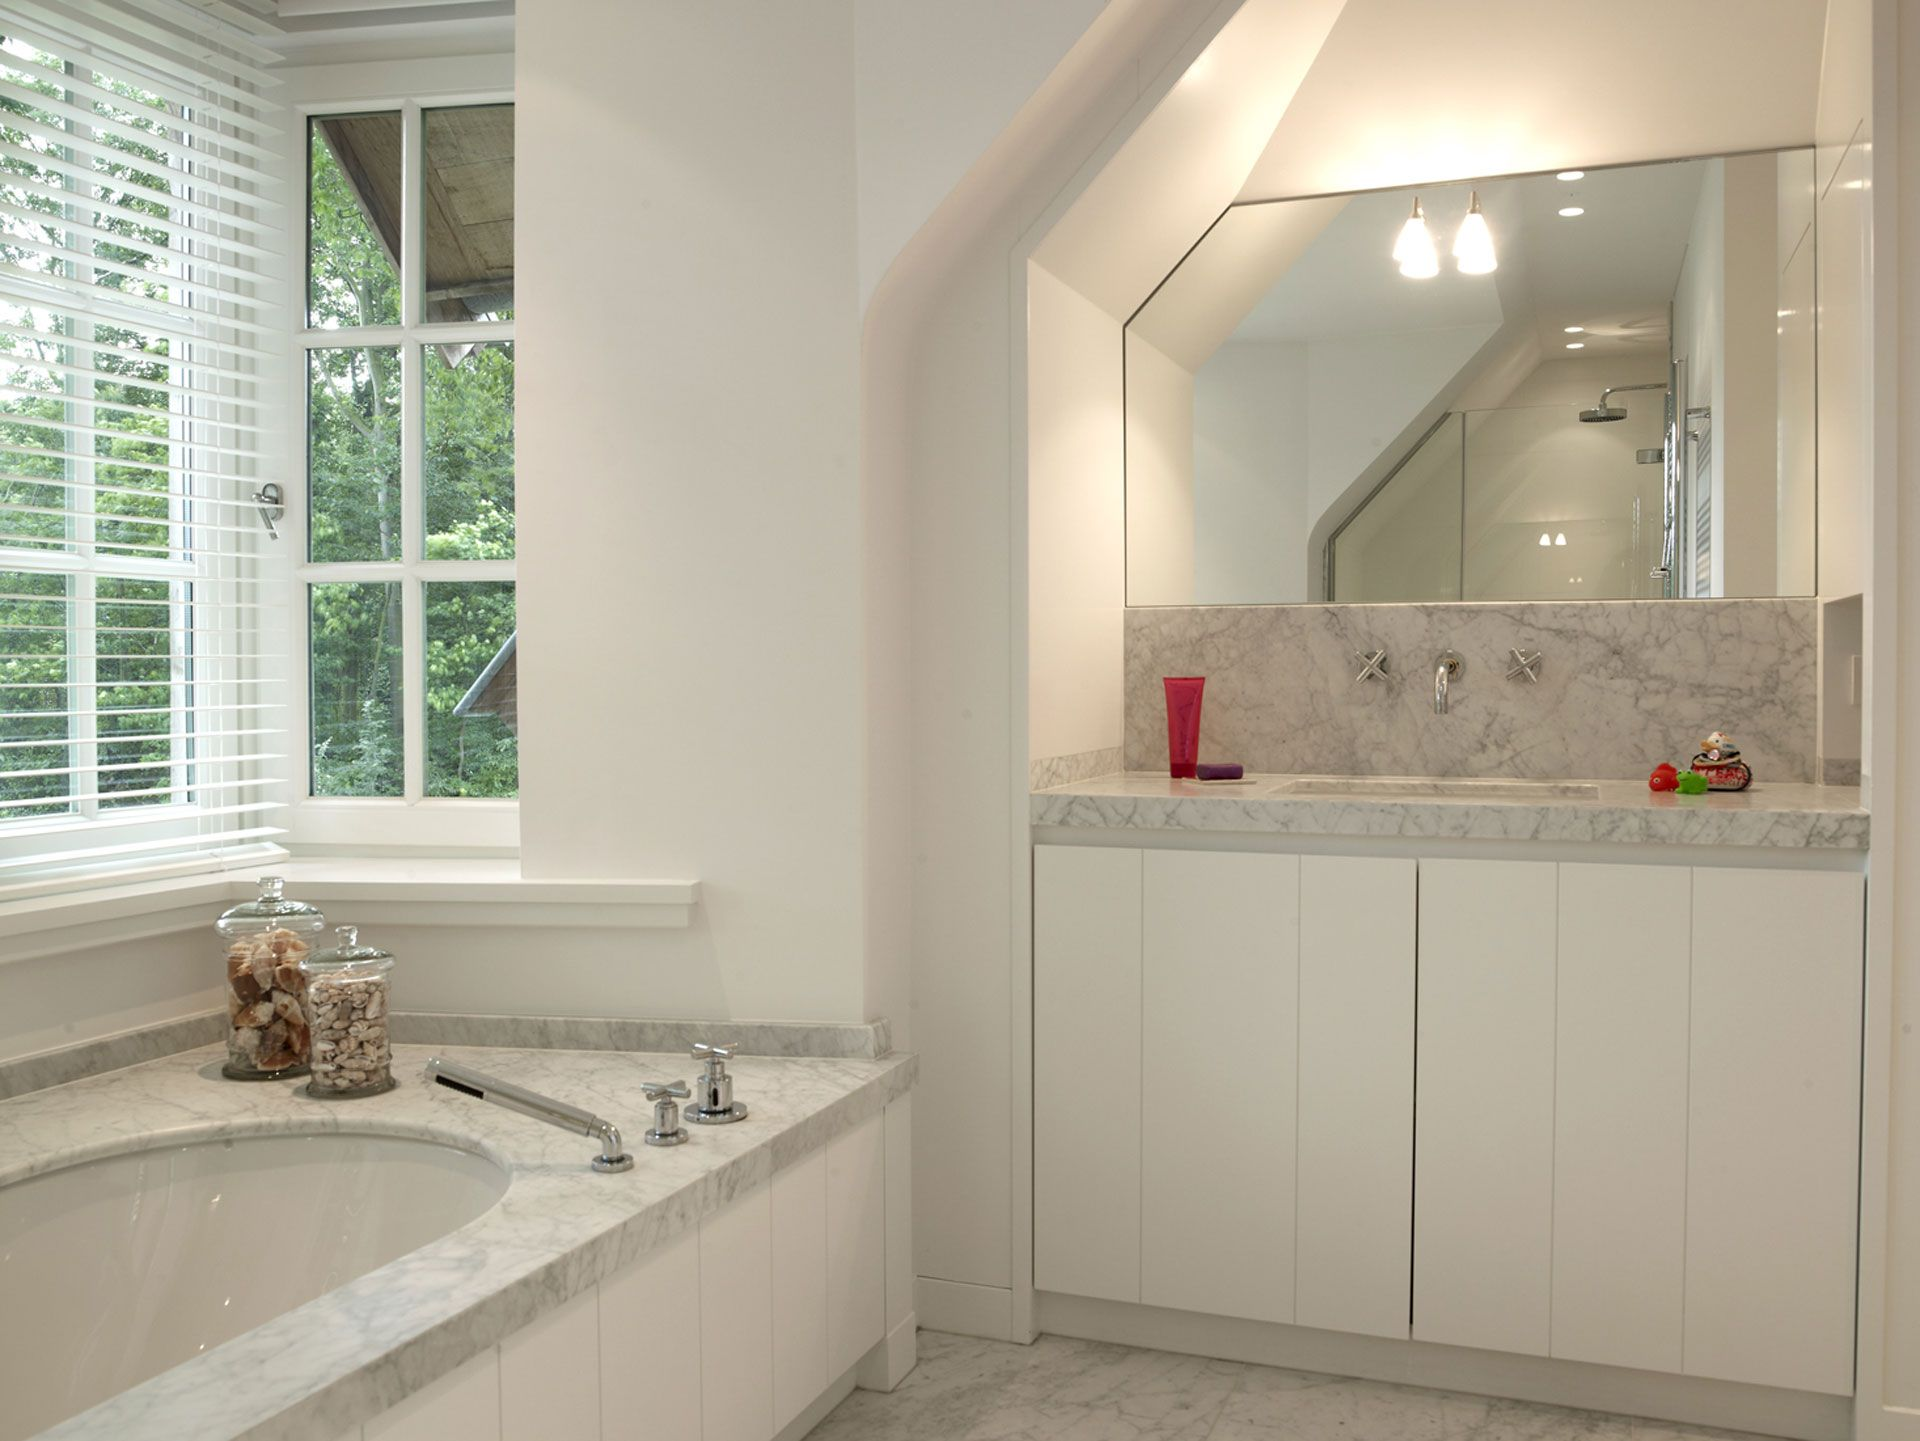 maatwerk badkamer leverbaar bij Windsor bathrooms. te vinden en ...